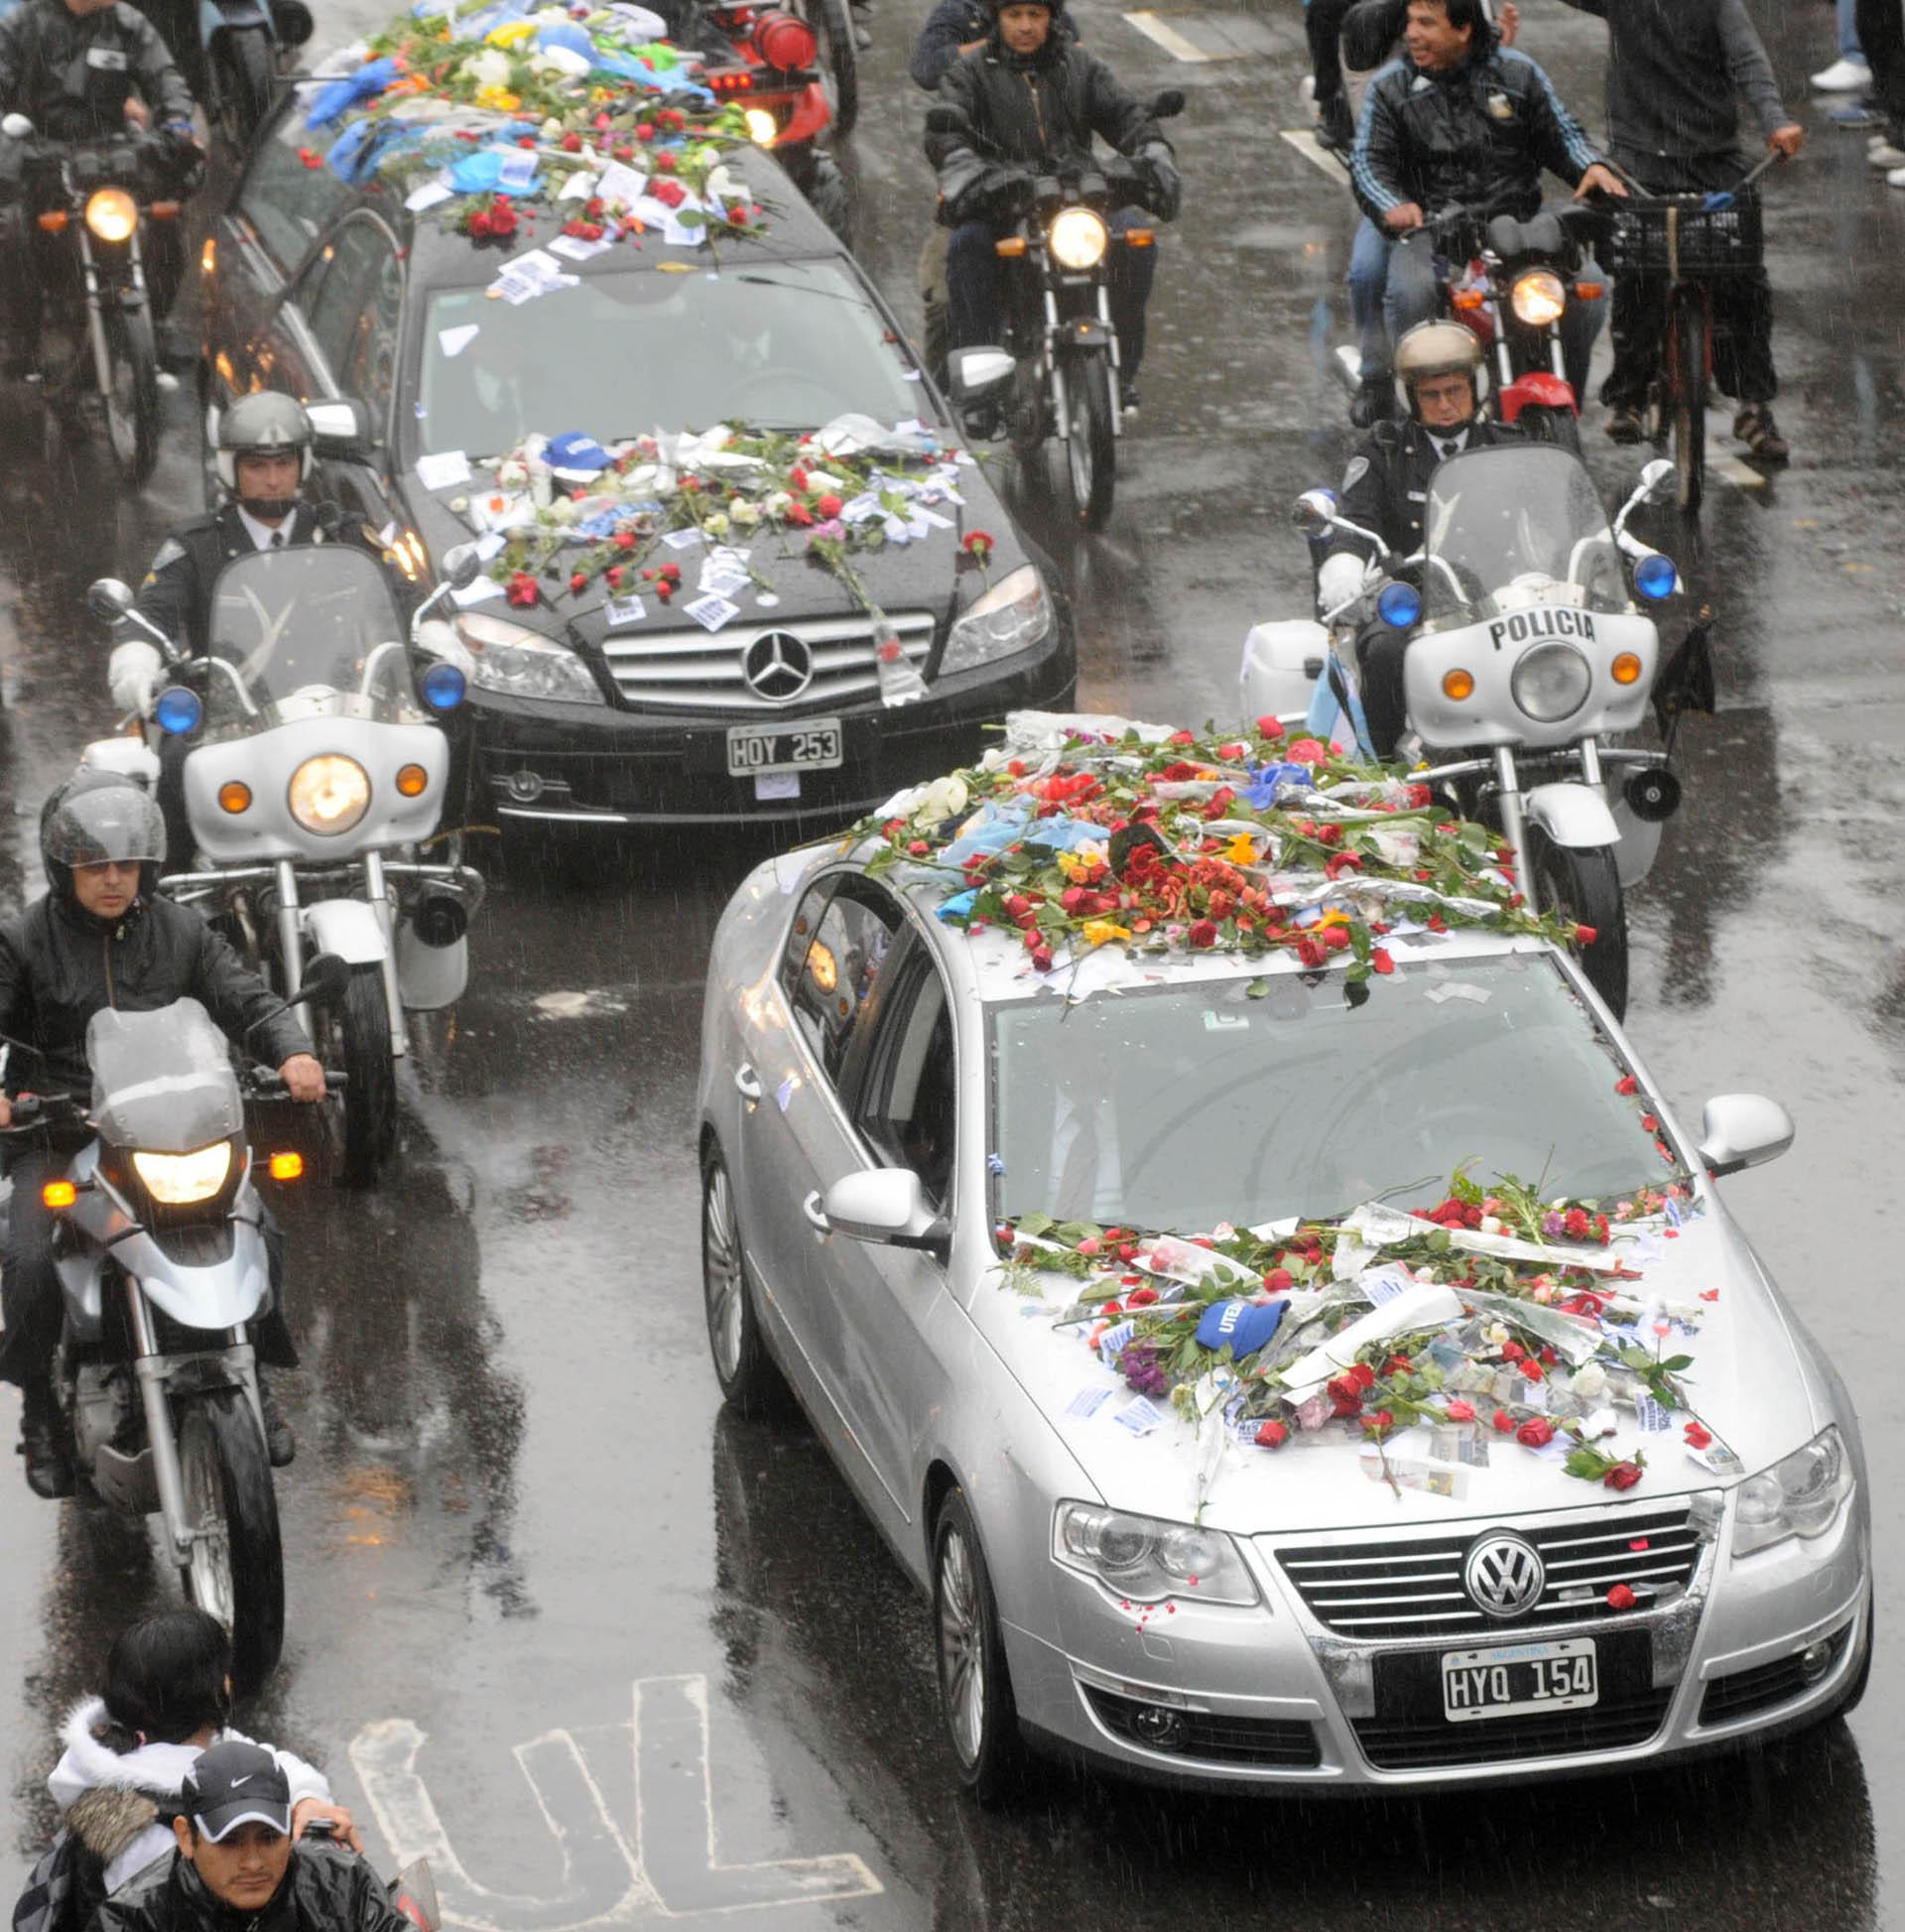 El automóvil que transporta los restos de Néstor Kirchner avanza por la avenida Libertador en dirección al aeroparque metropolitano